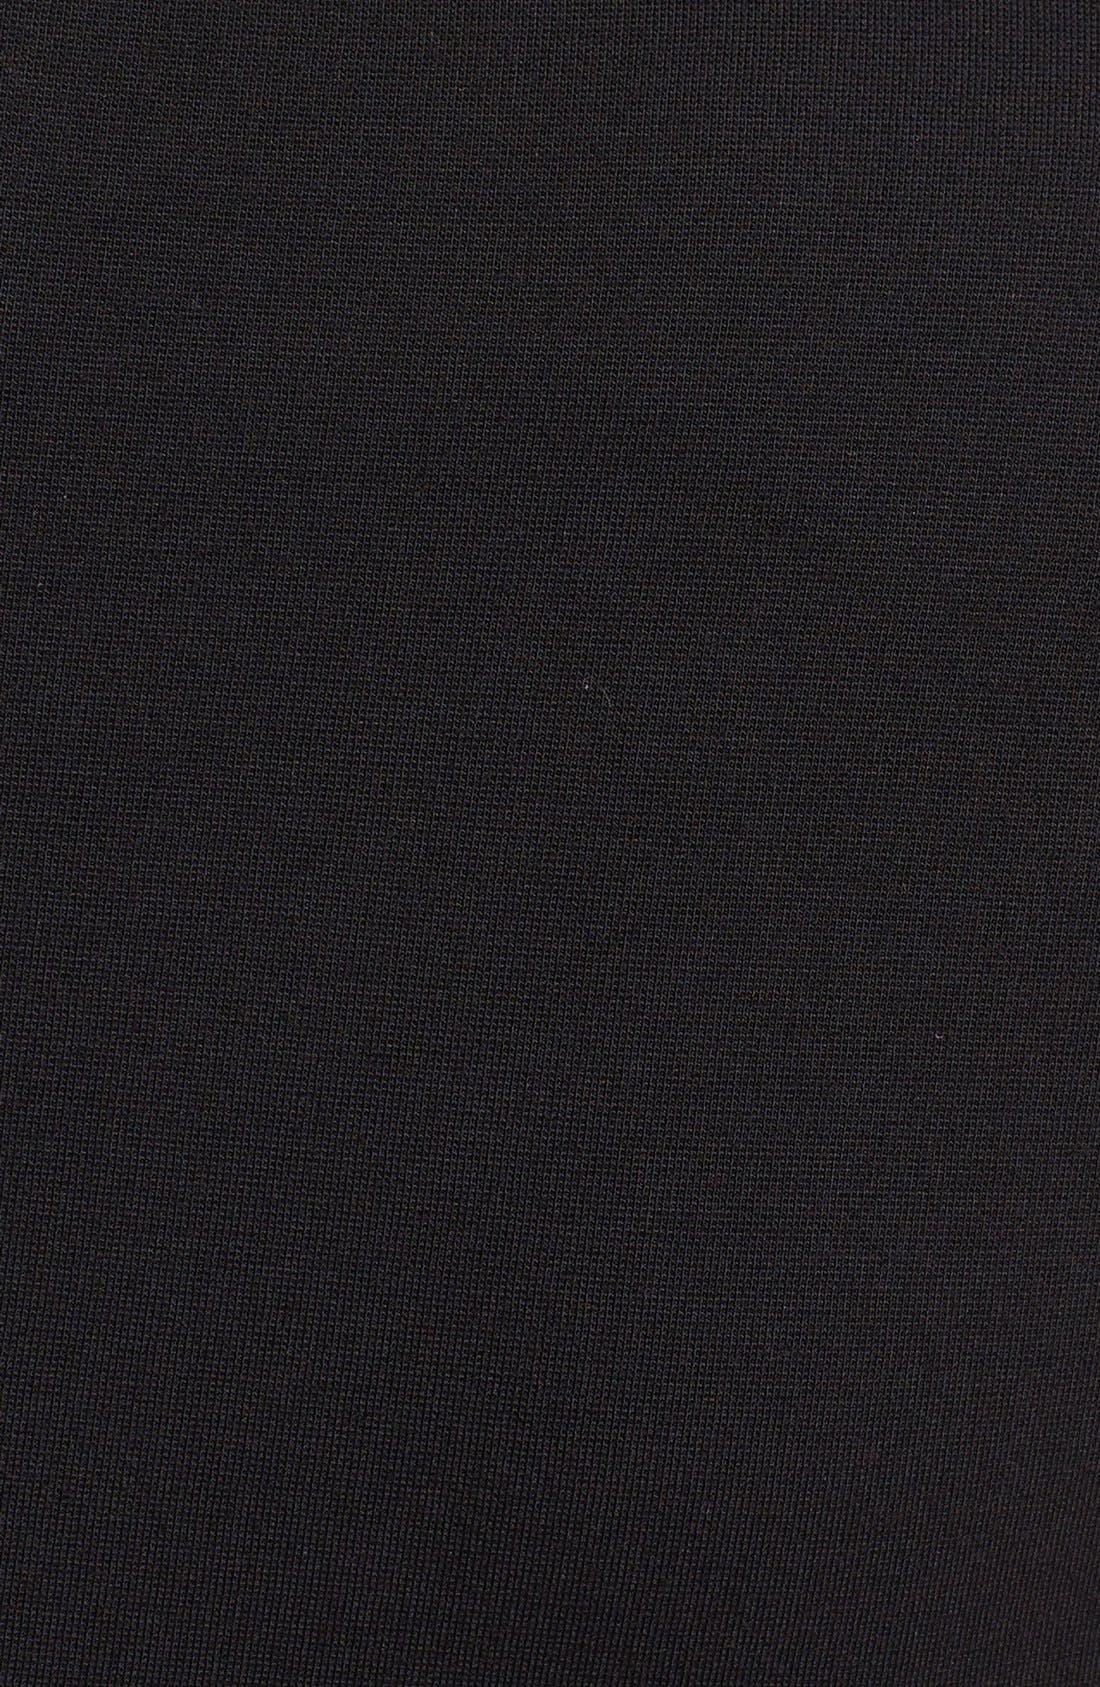 Alternate Image 3  - Ted Baker London Leather Shoulder Sheath Dress